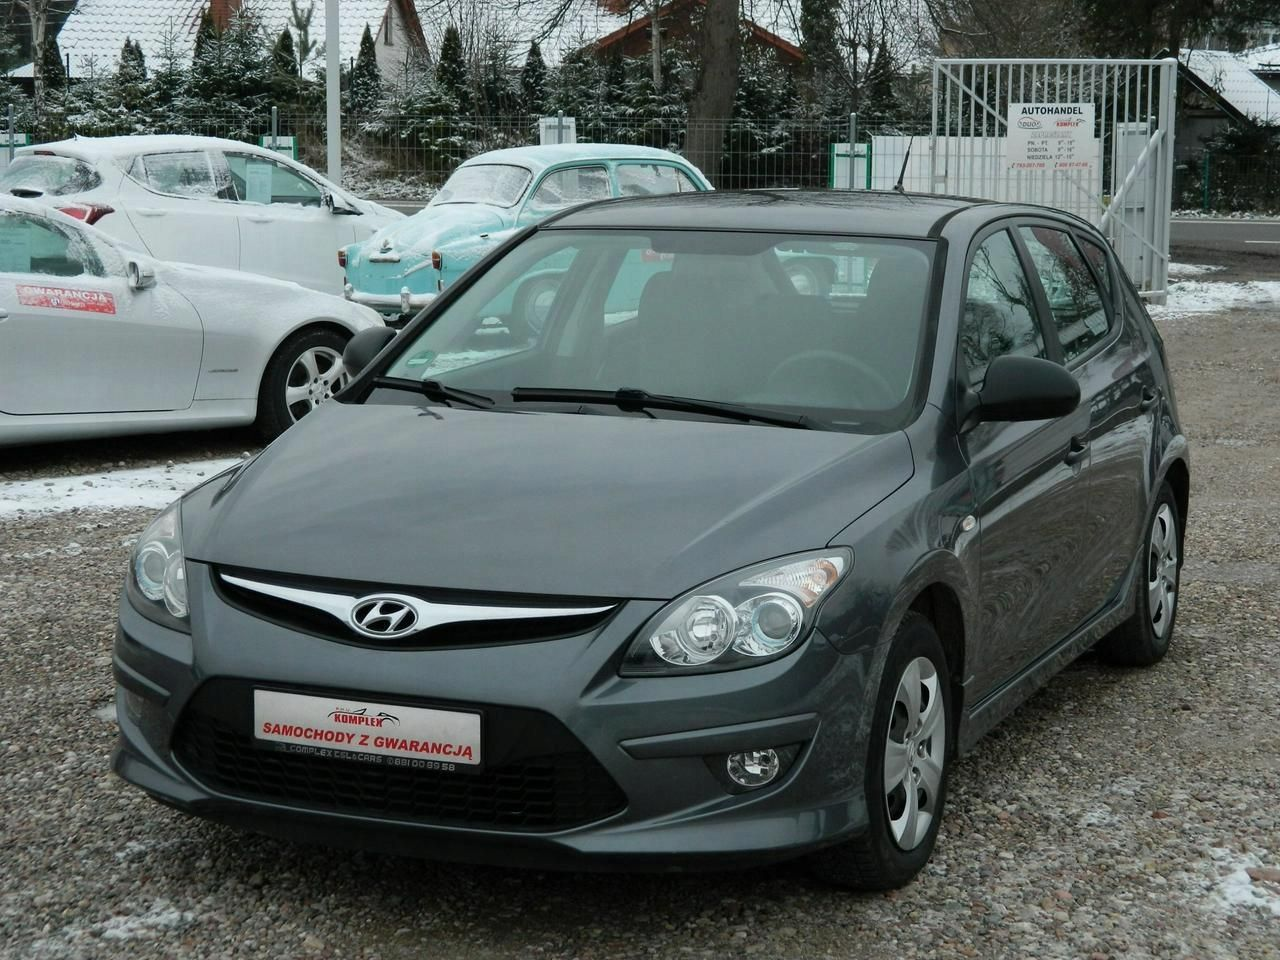 a19c15bda7438b Hyundai i30 1.4 Benzyna 109 KM Klimatyzacja - Opinie i ceny na Ceneo.pl